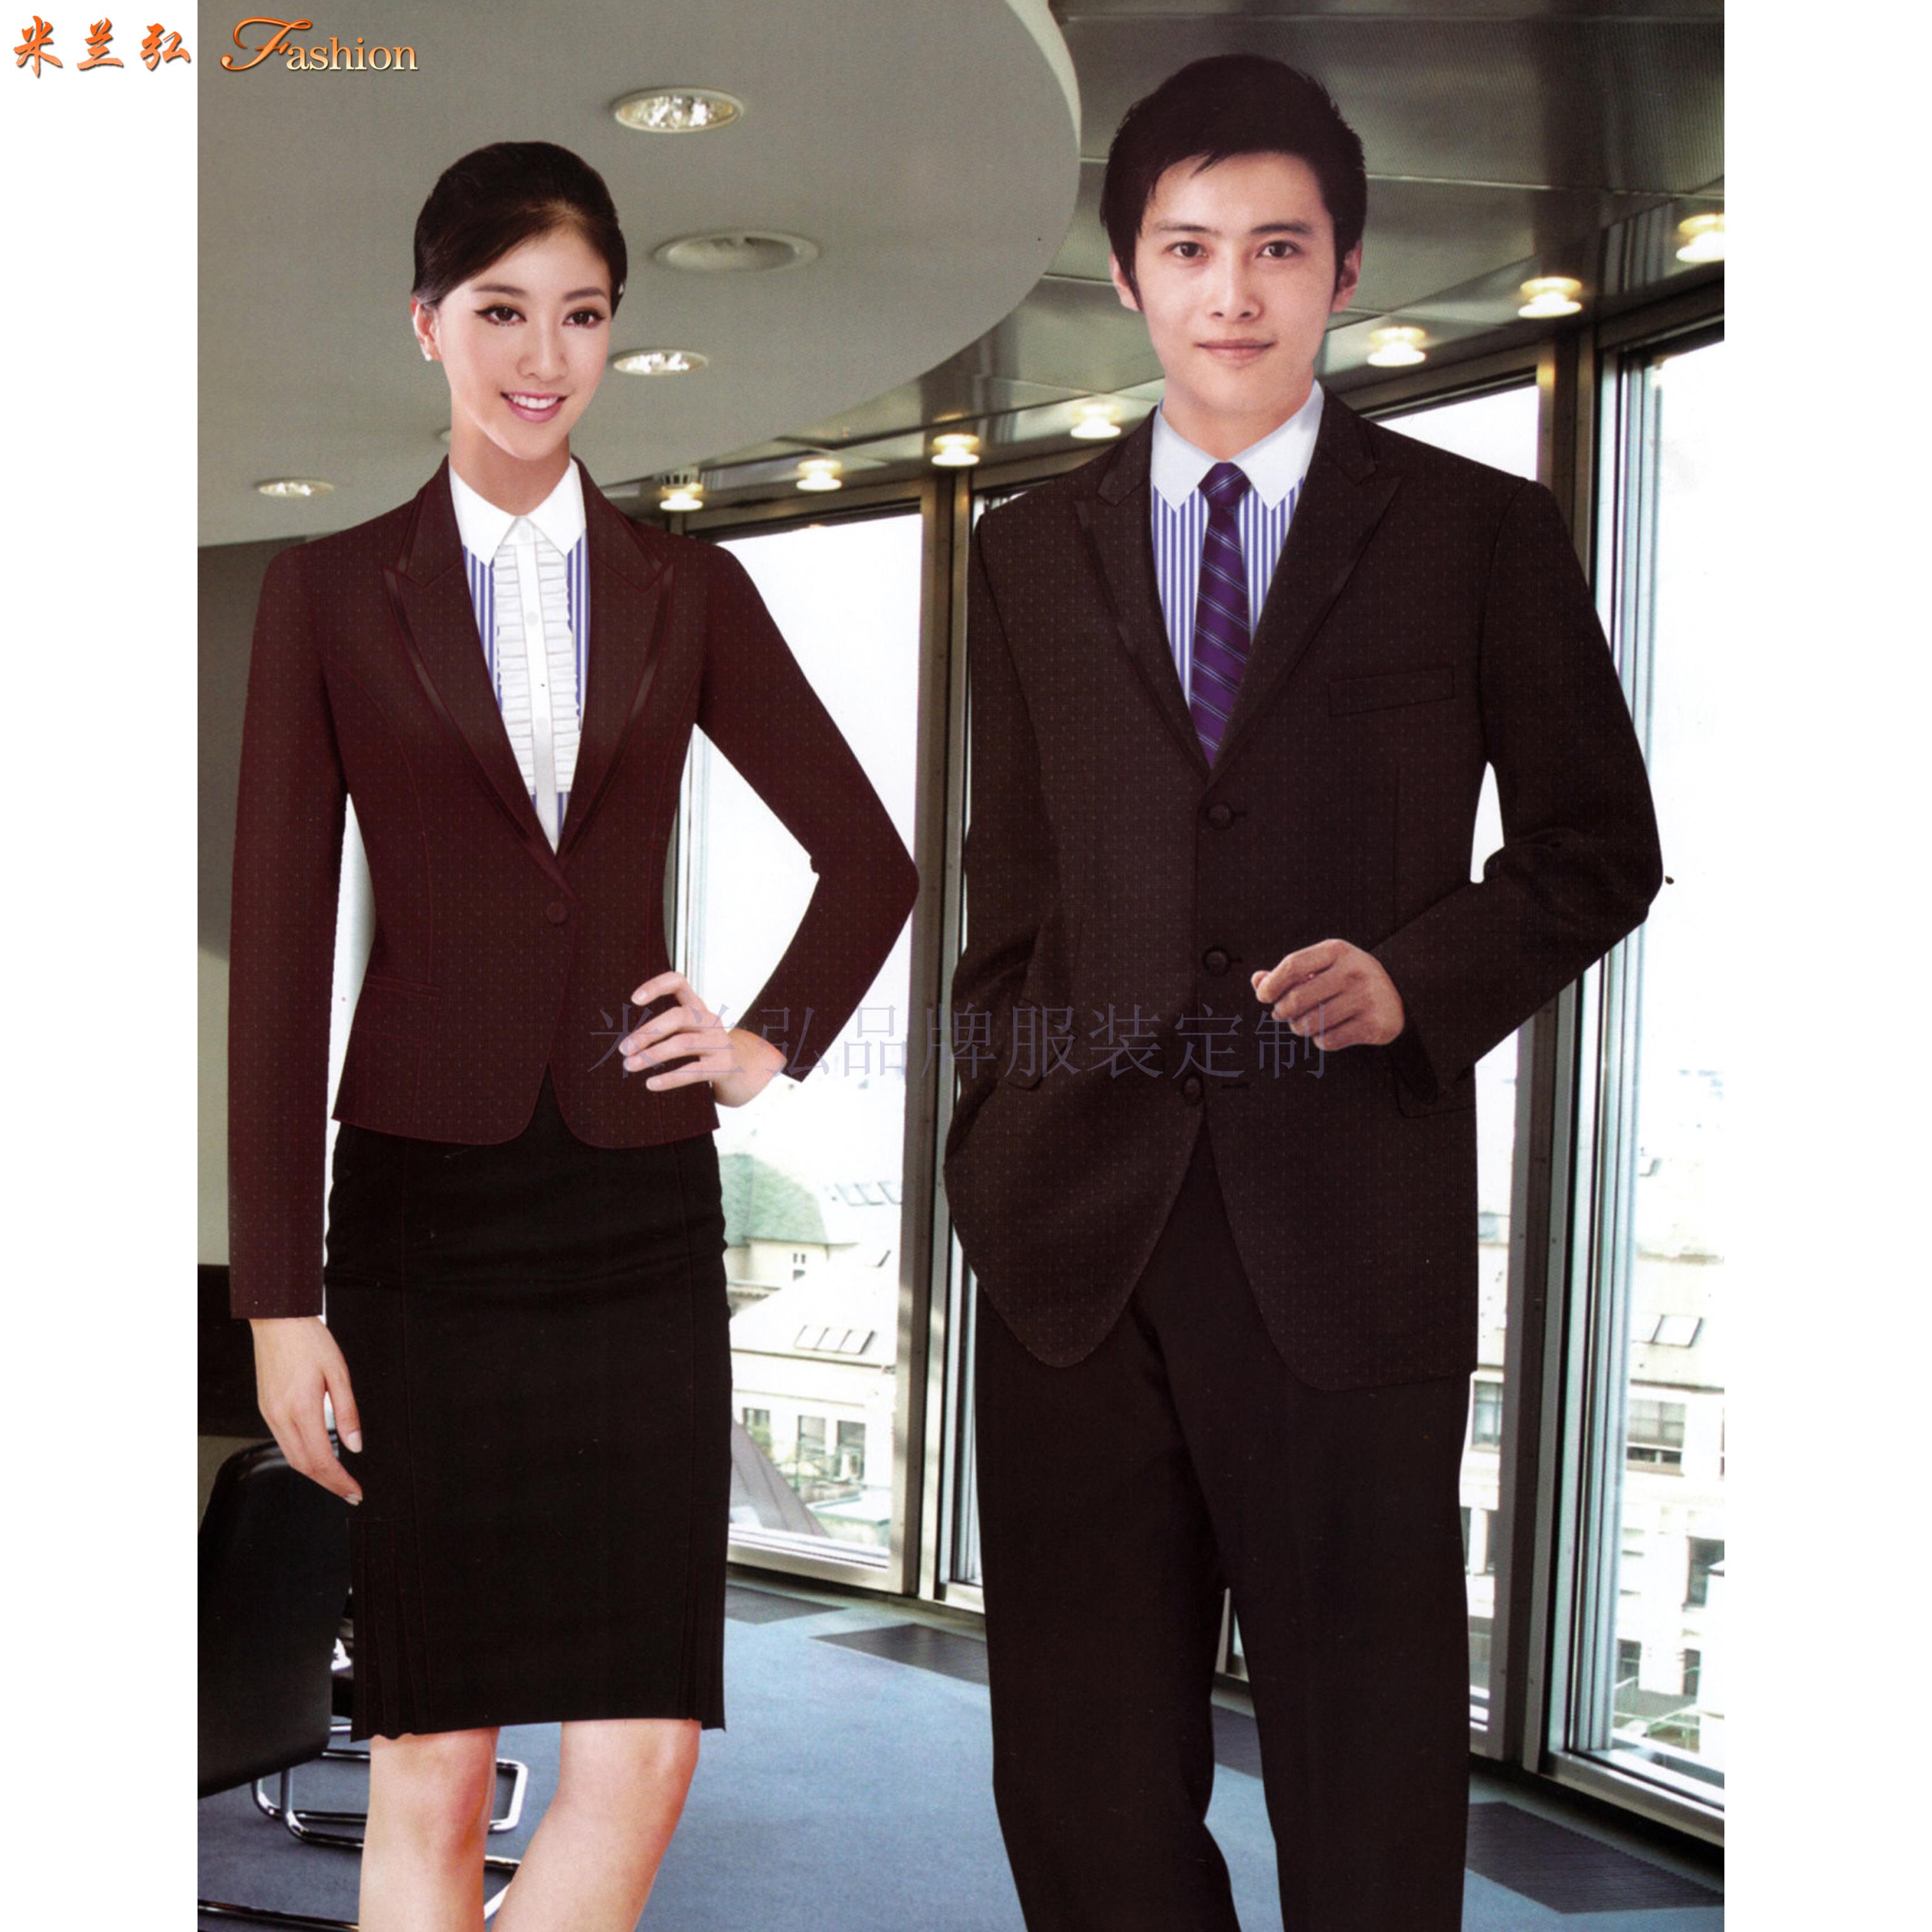 北京CBD西裝定制品牌_SOHO西服訂制店-Top米蘭弘西服-5